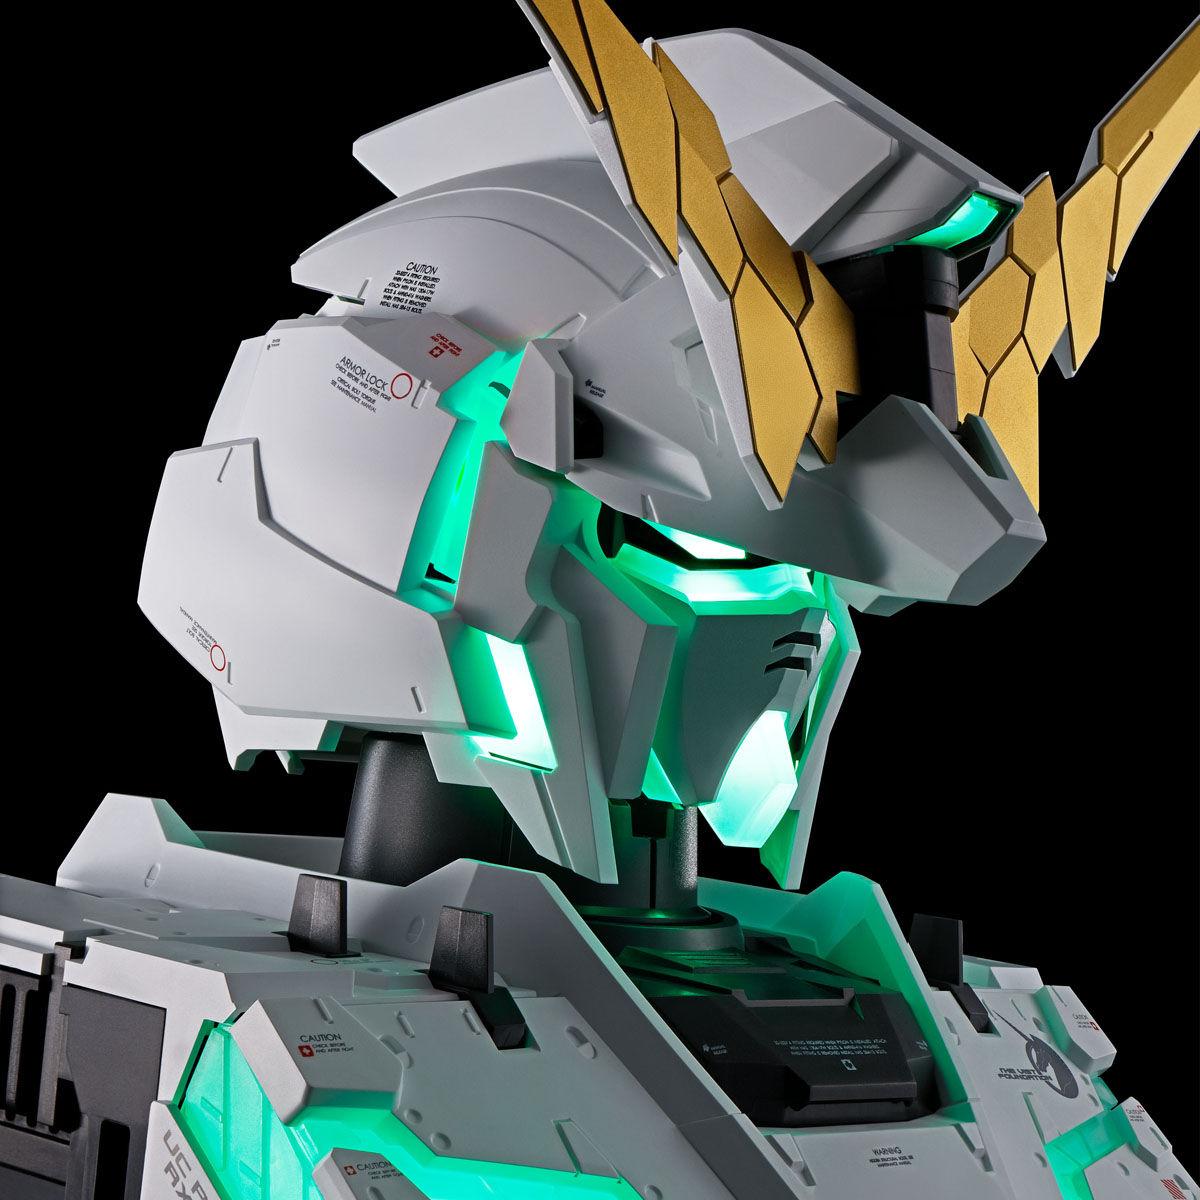 【限定販売】REAL EXPERIENCE MODEL『RX-0 ユニコーンガンダム(AUTO-TRANS edition)』ガンダムUC プラモデル-001